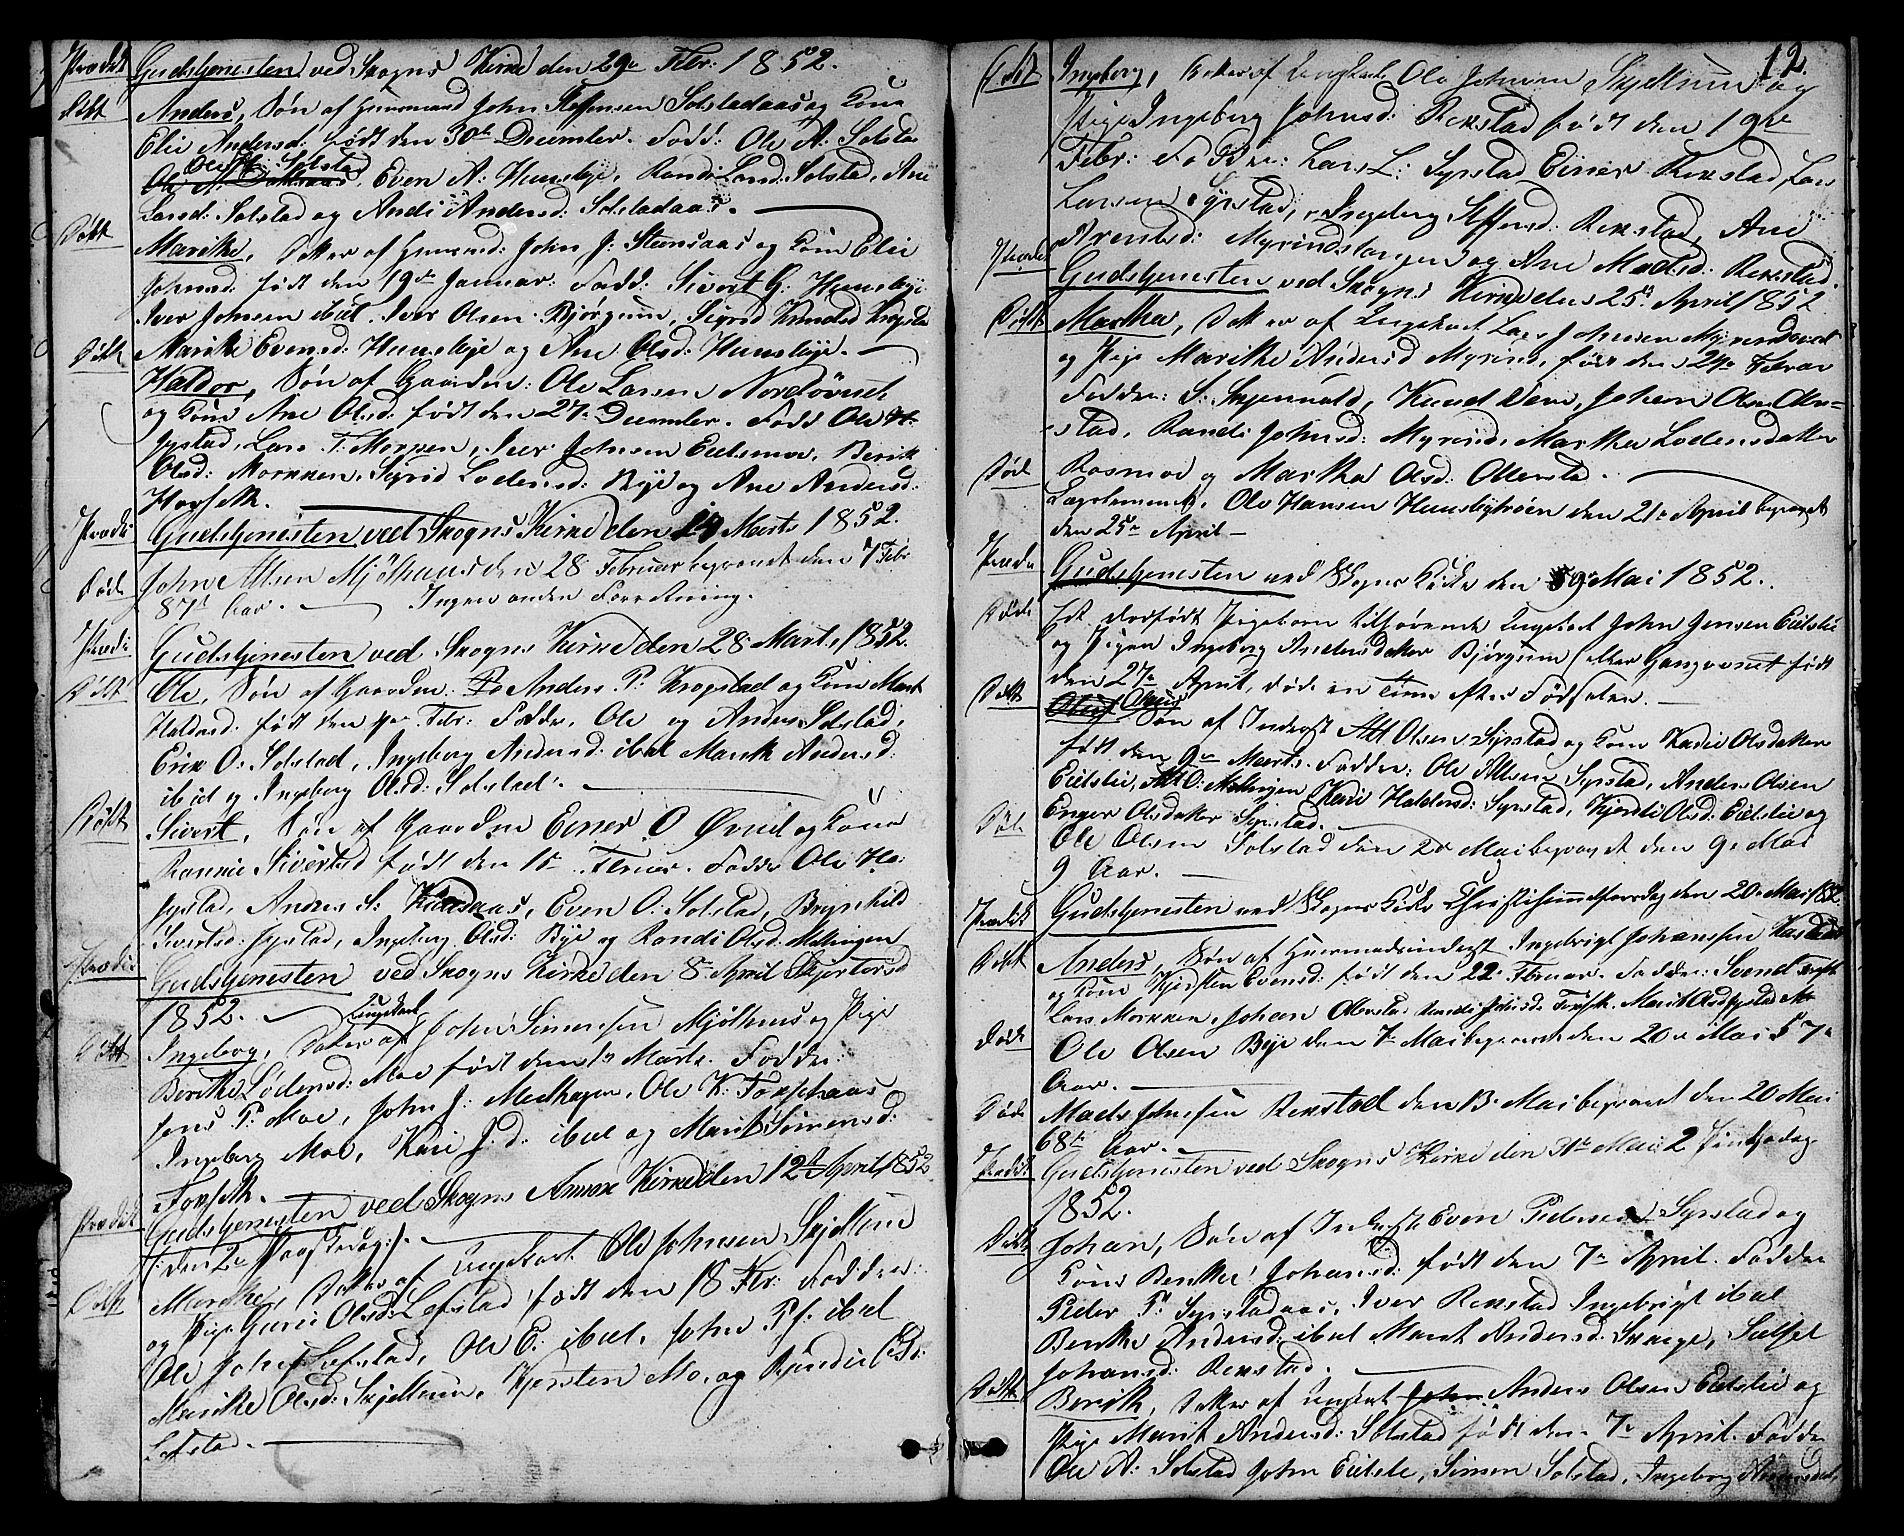 SAT, Ministerialprotokoller, klokkerbøker og fødselsregistre - Sør-Trøndelag, 667/L0797: Klokkerbok nr. 667C02, 1849-1867, s. 12